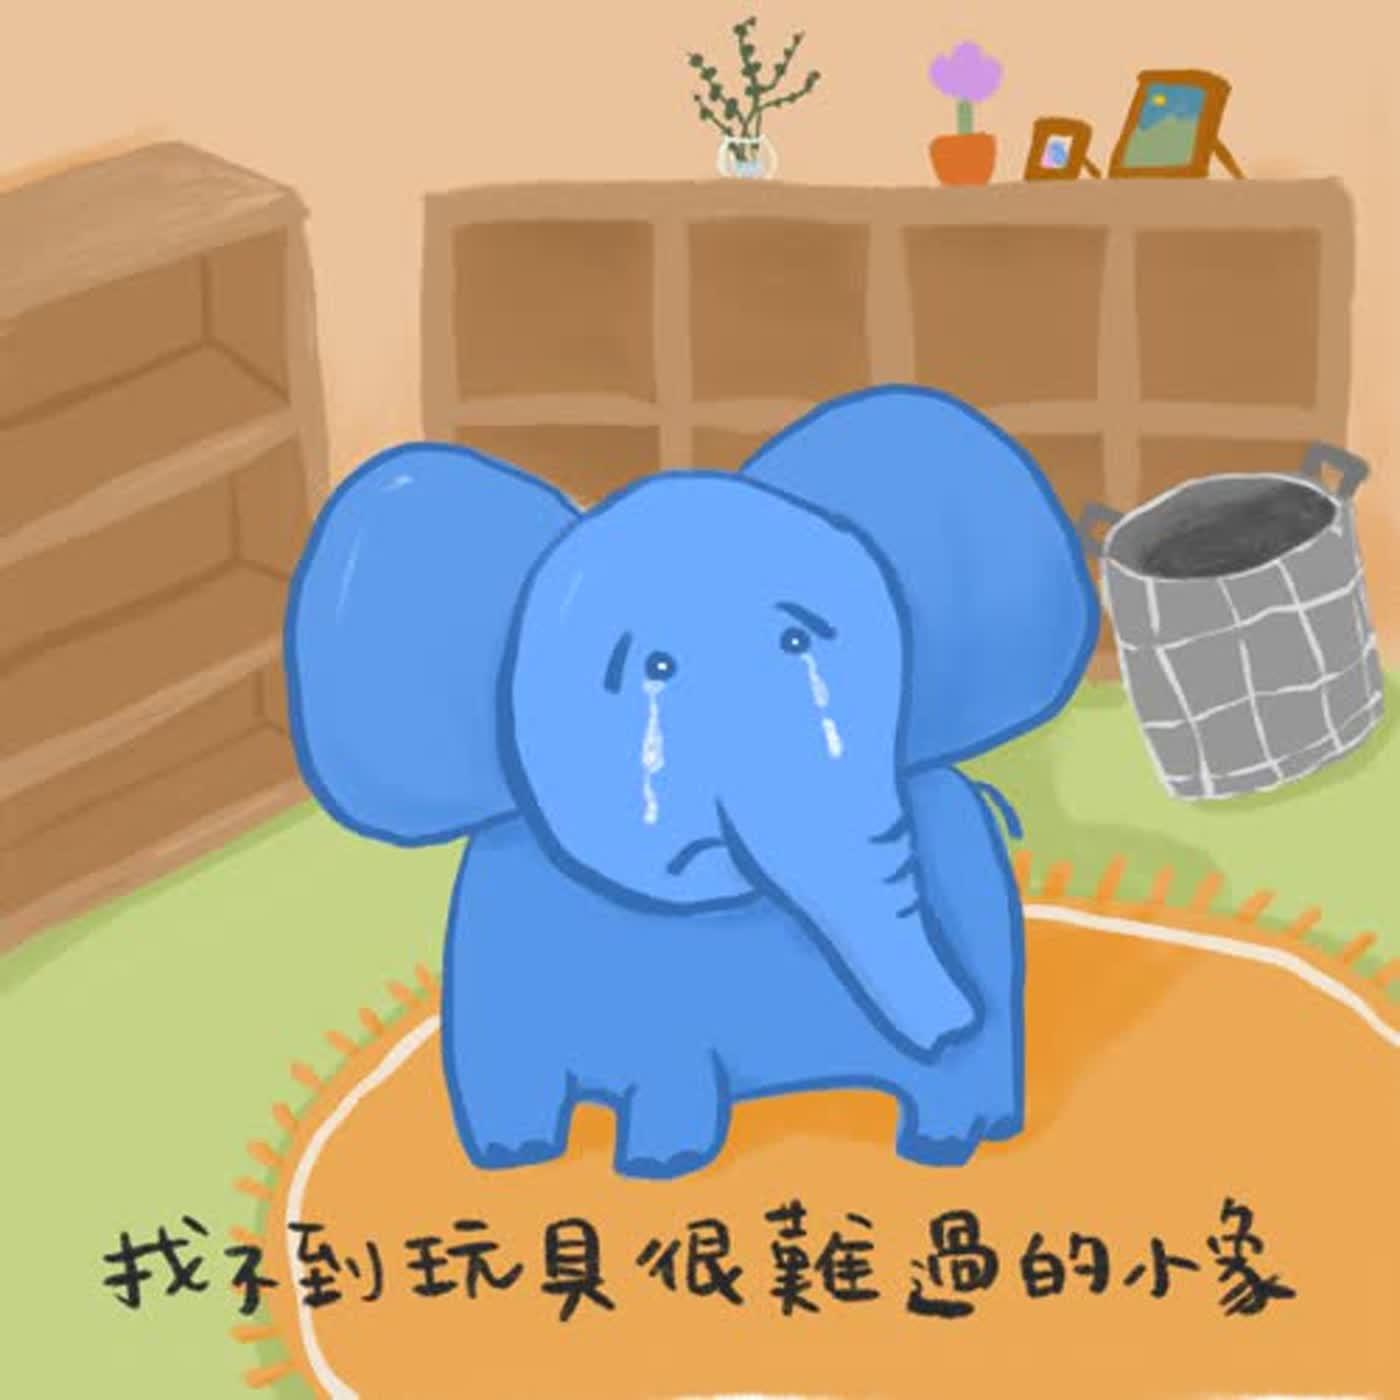 一起說故事番外篇#4 - 找不到玩具很難過的小象